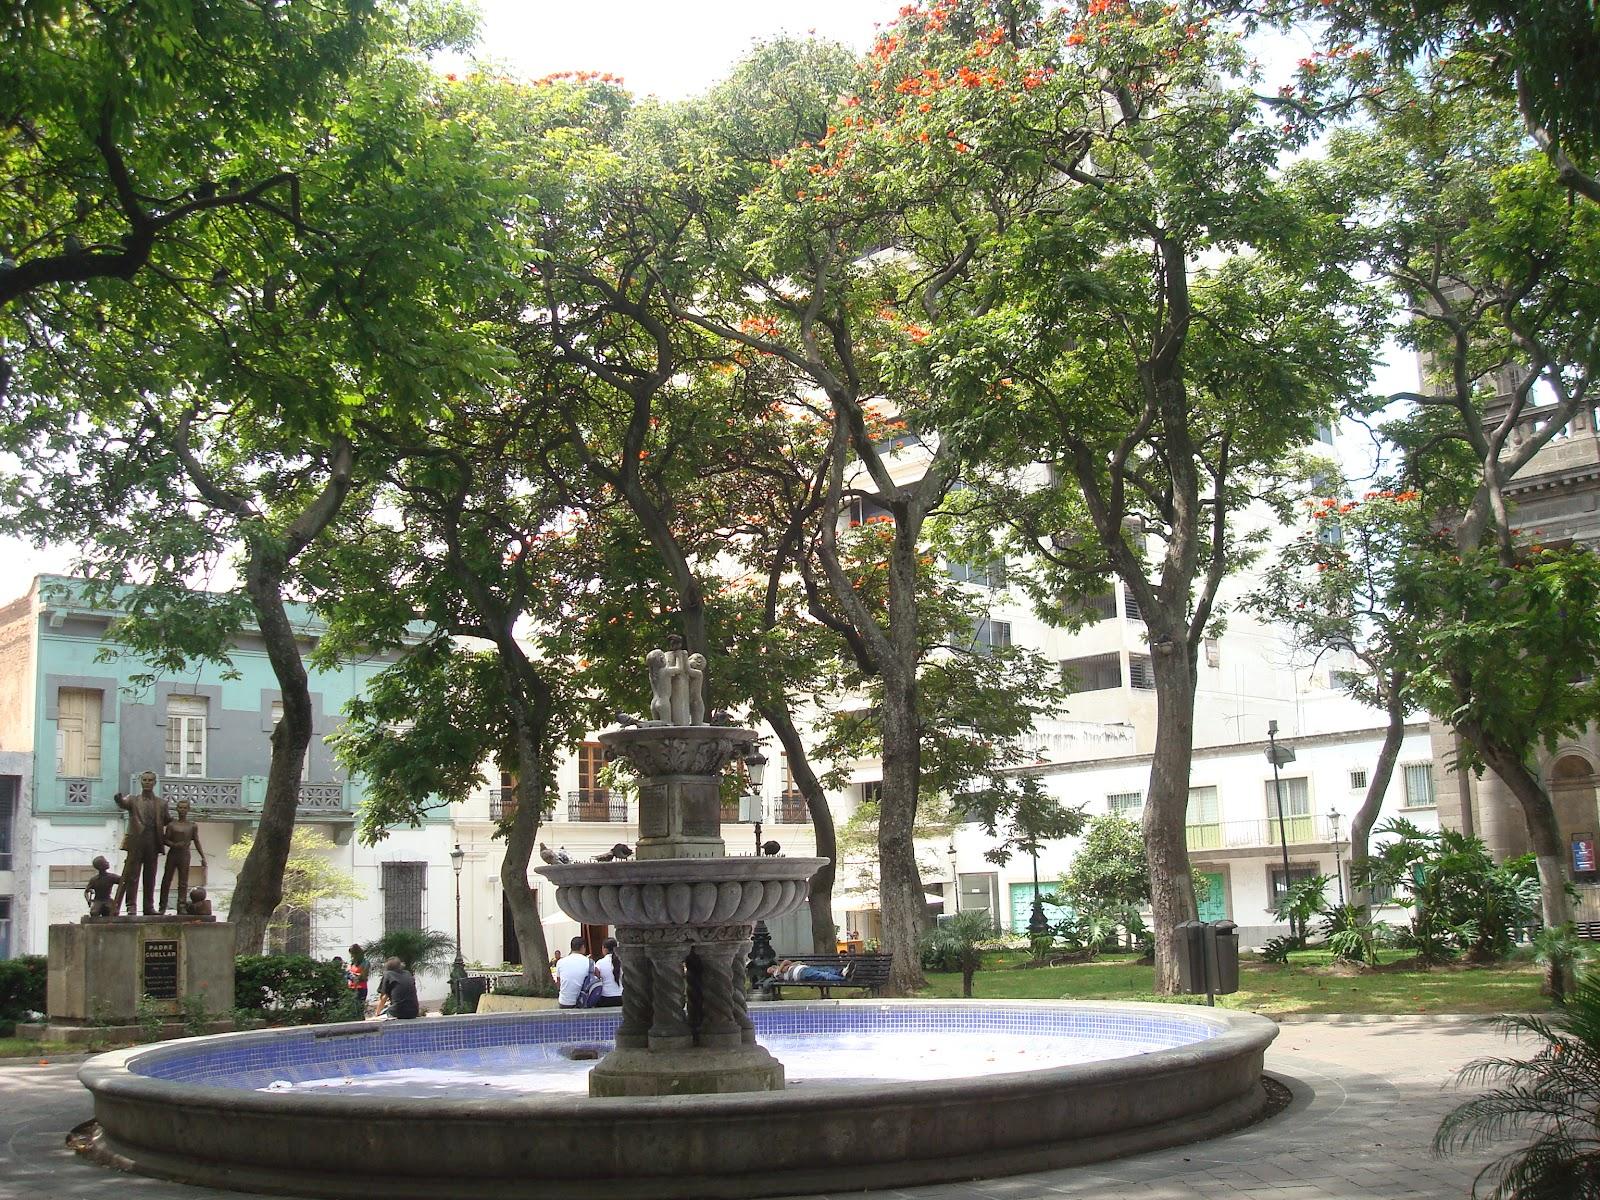 sancarlosfortin fuente abandonada en jardin del carmen en